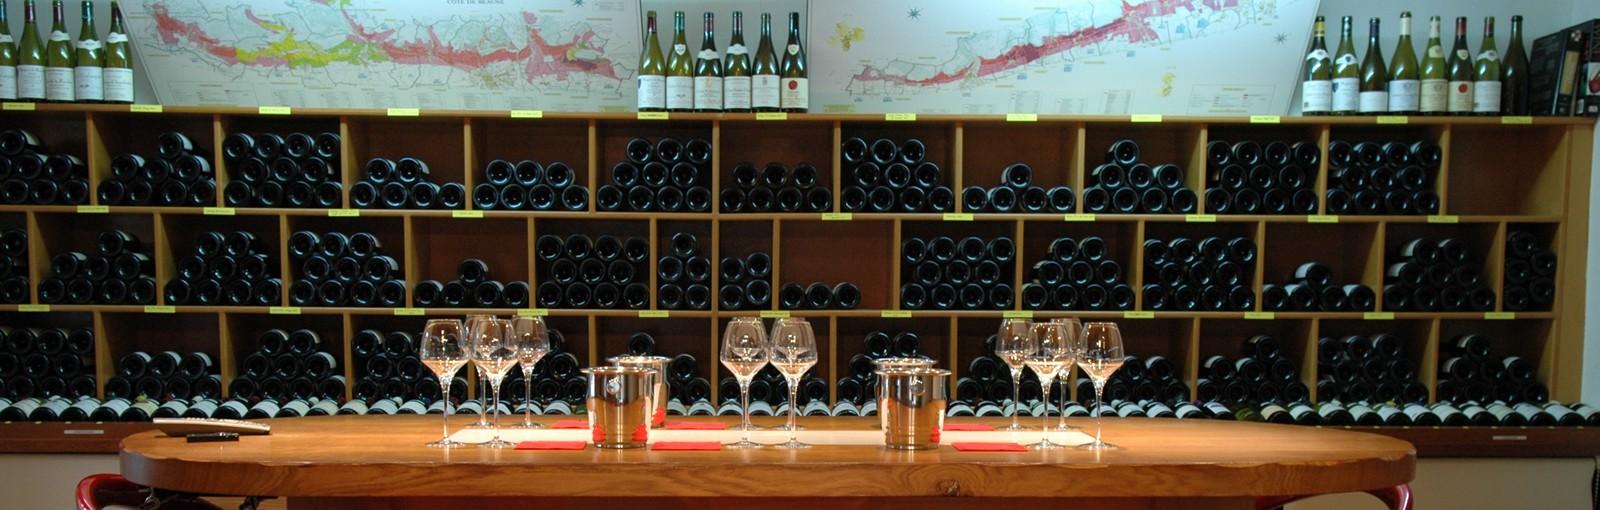 Tours 3 noches en Borgoña: exploración, sensaciones, castillos y vinos! - Borgoña - Circuitos desde Paris